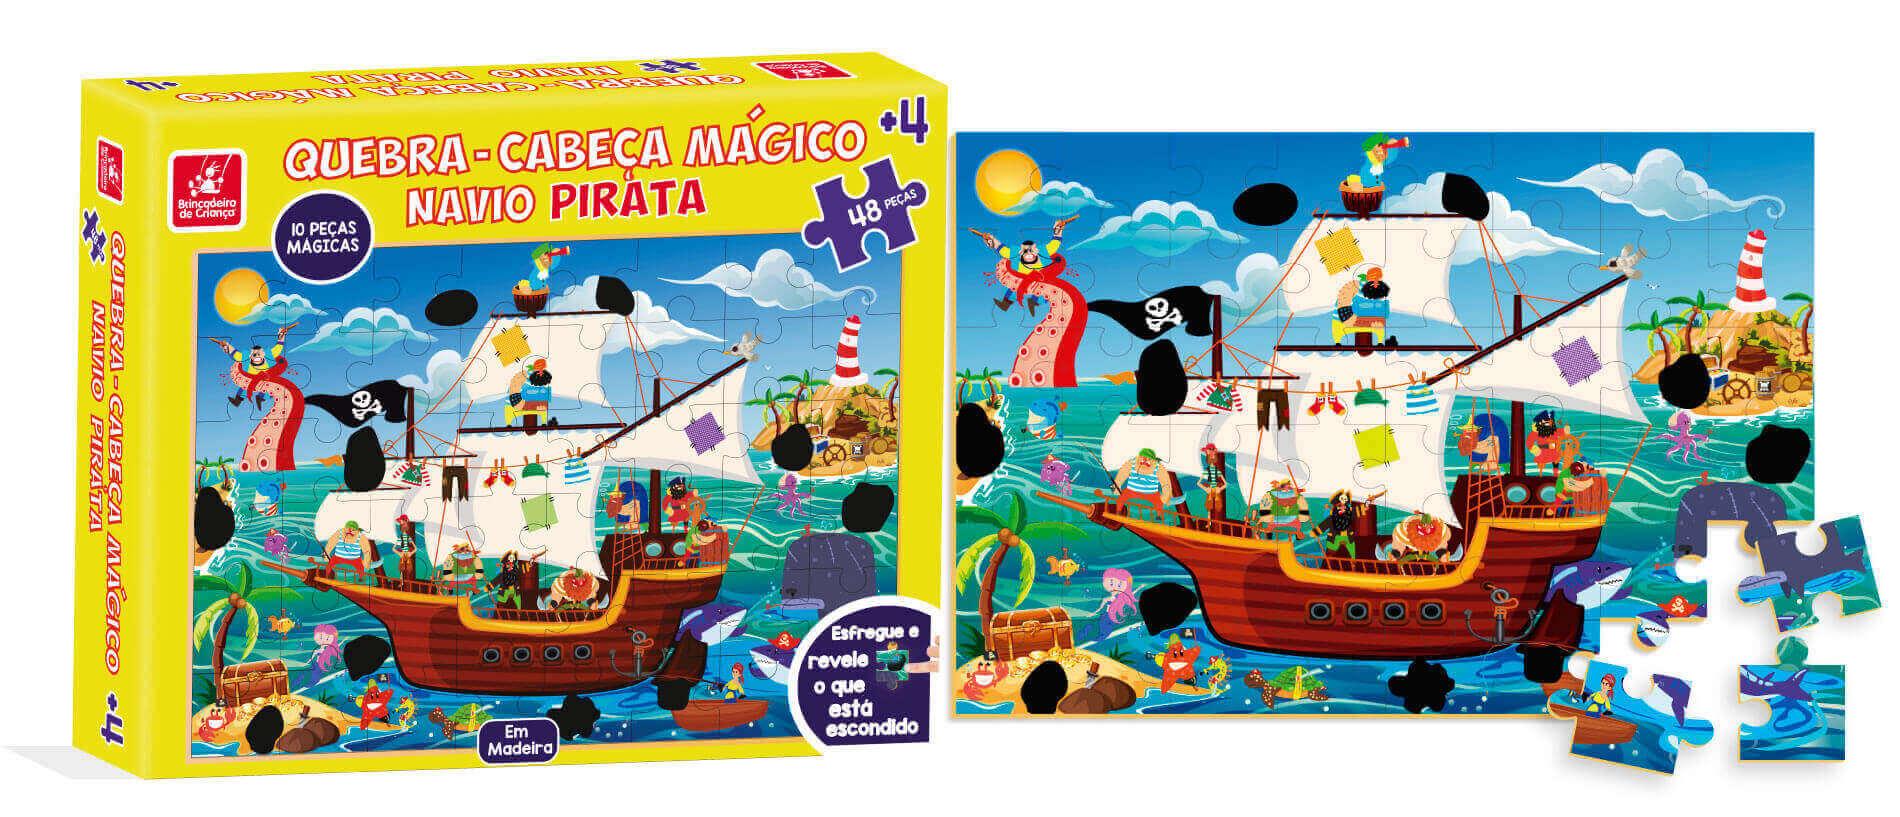 Quebra-Cabeça Mágico Pirata 48 Peças Em Madeira Brincadeira De Criança